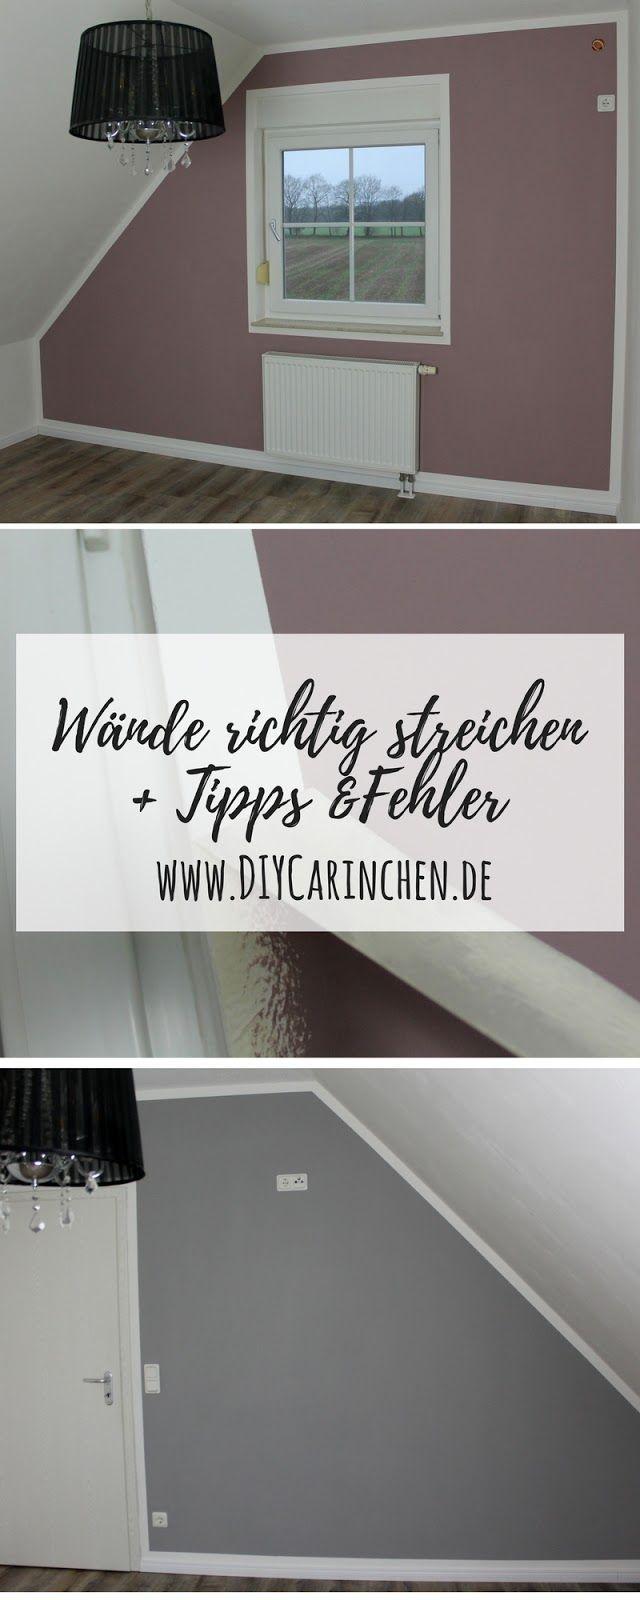 DIY Wände richtig streichen mit Tipps, Tricks & Fehlern, die man ganz leicht vermeiden kann